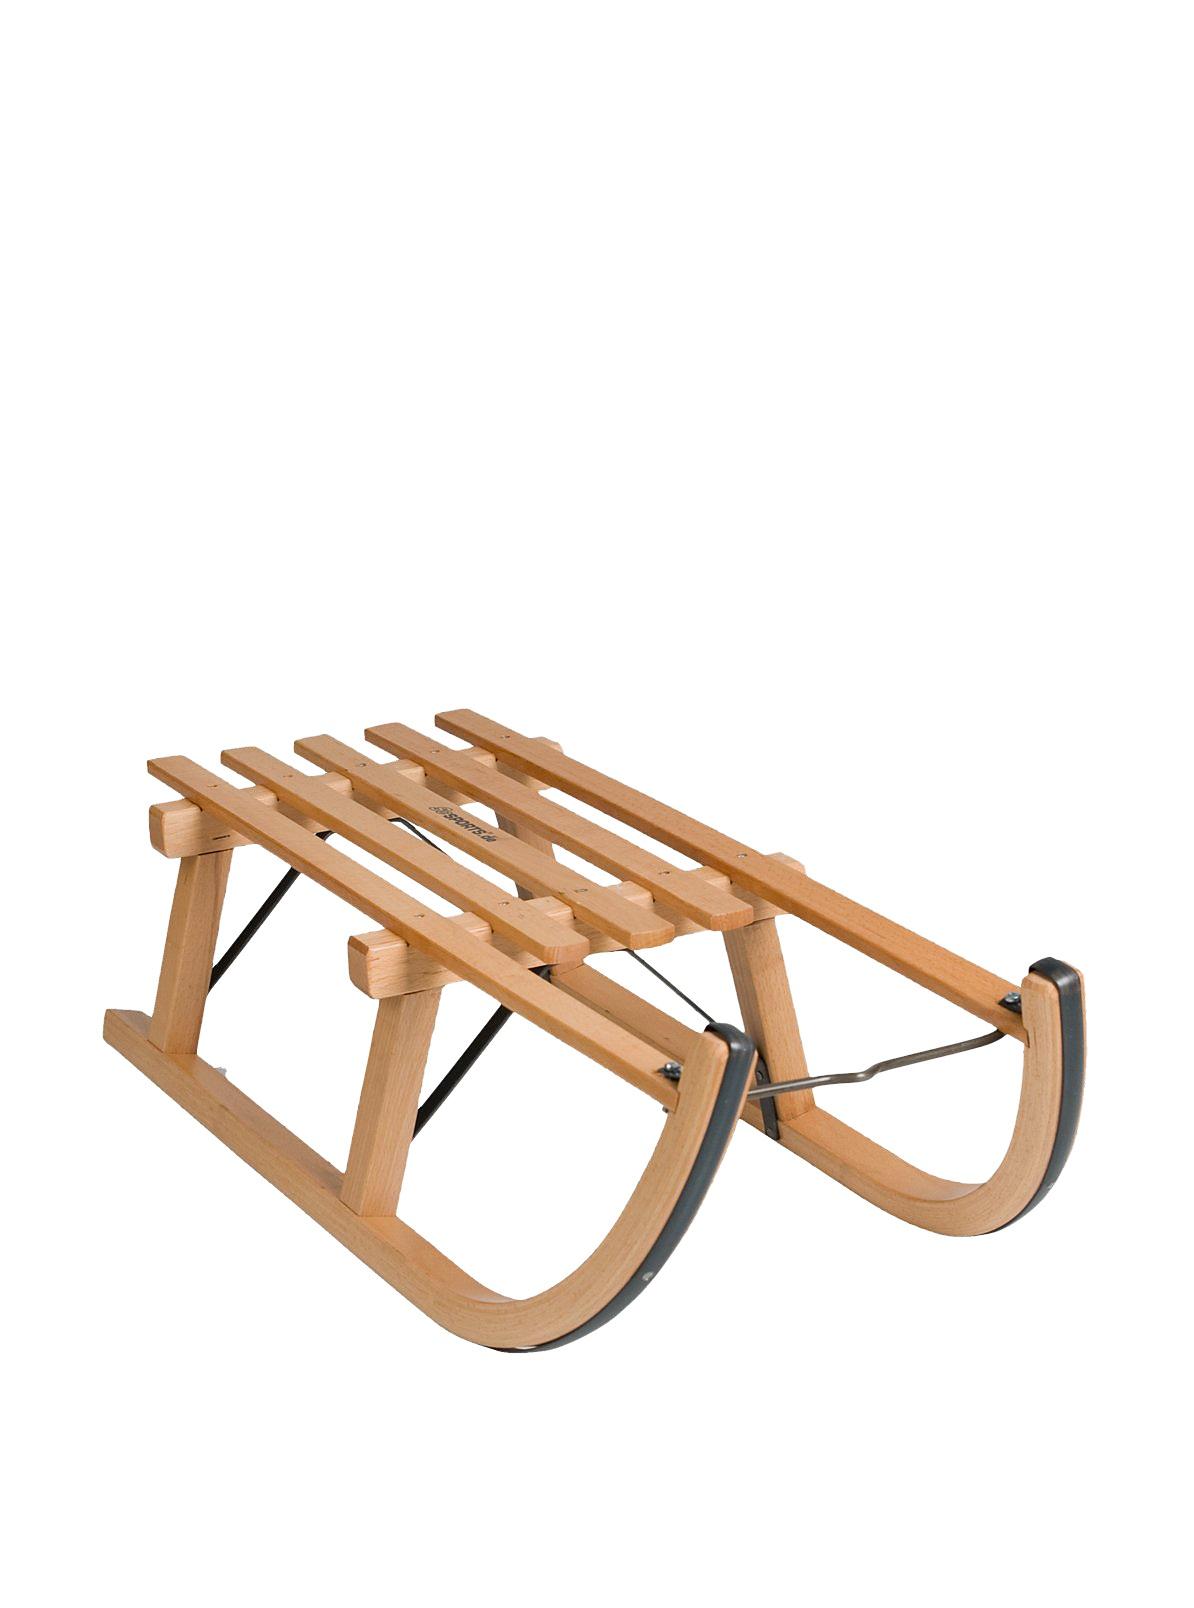 ScSPORTS Davoser Holzschlitten, holz, 80 cm, 10000938